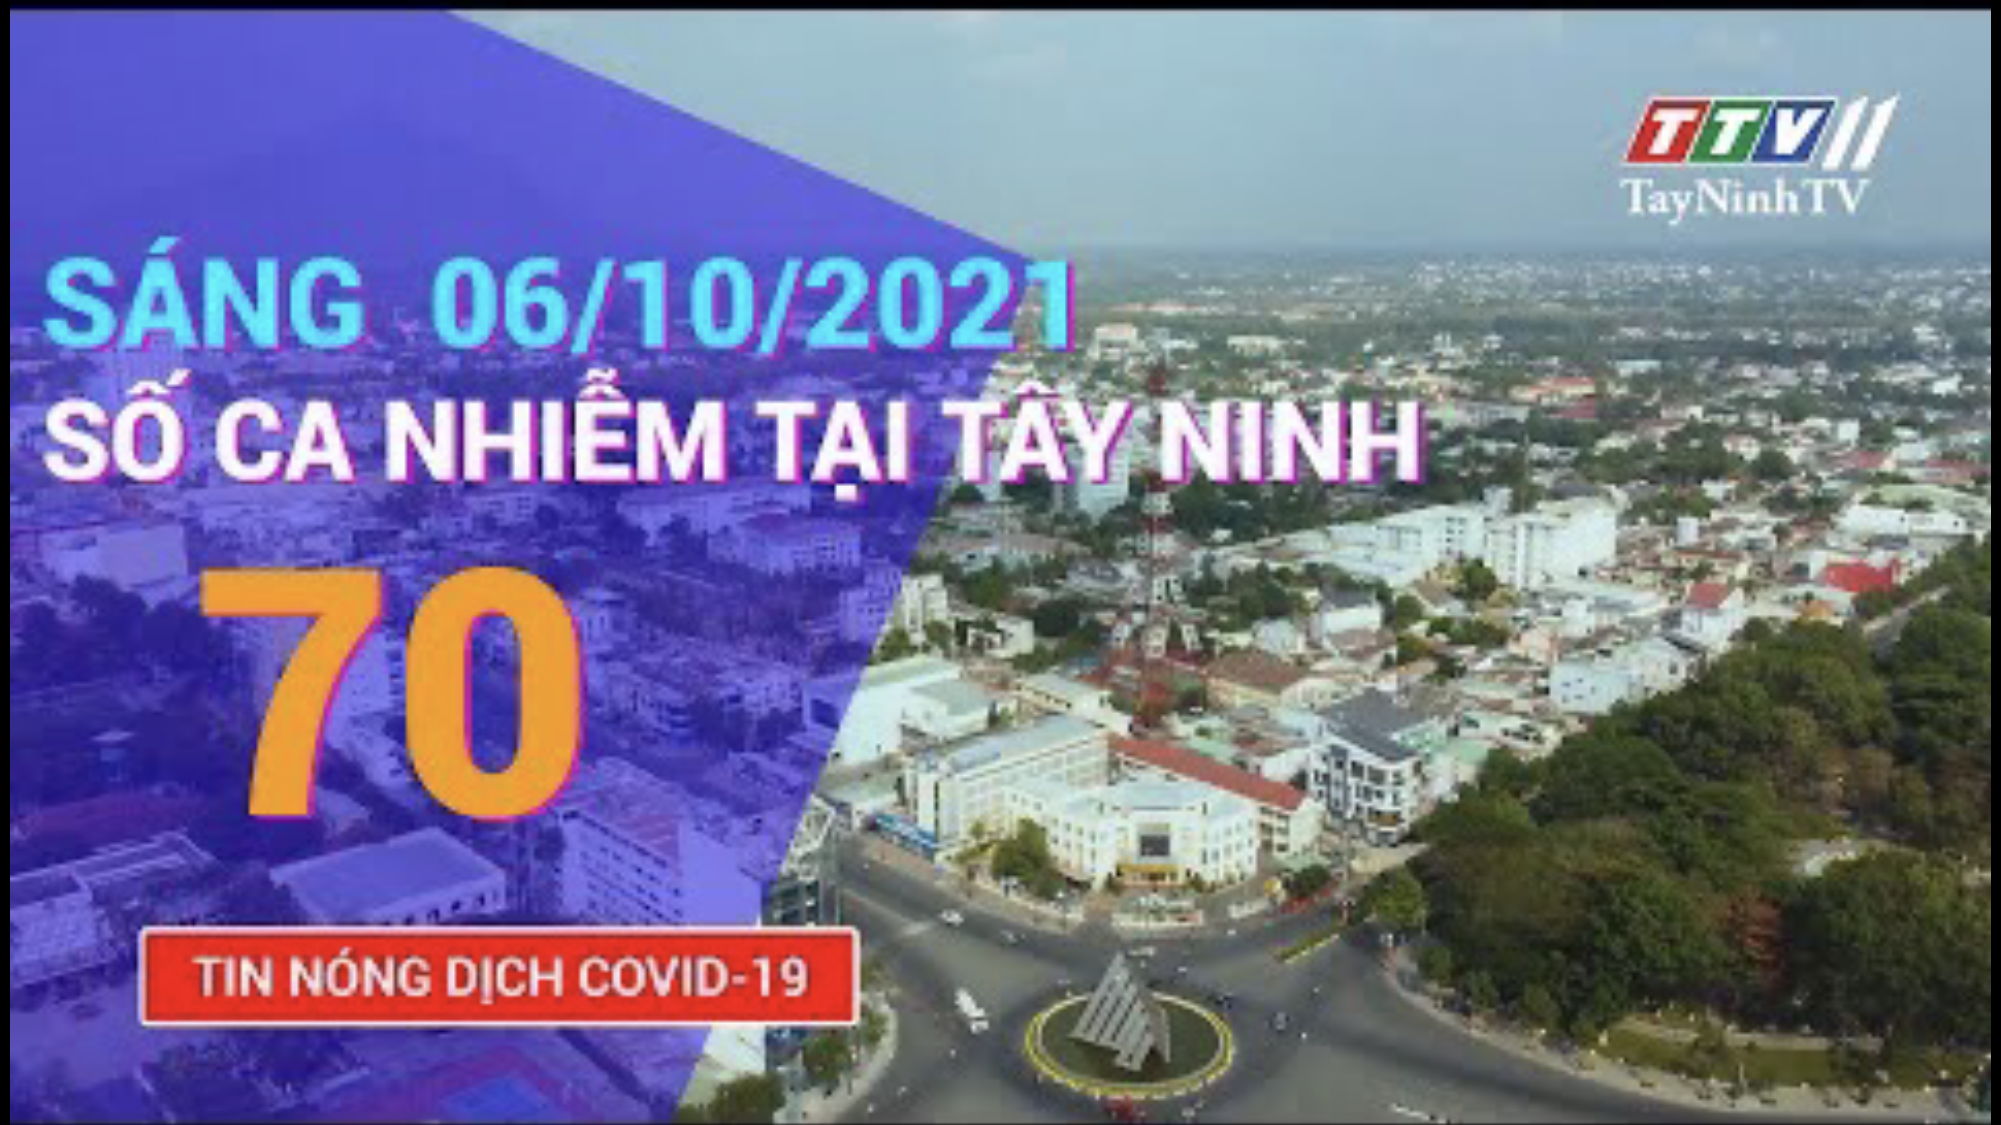 TIN TỨC COVID-19 SÁNG 06/10/2021 | Tin tức hôm nay | TayNinhTV